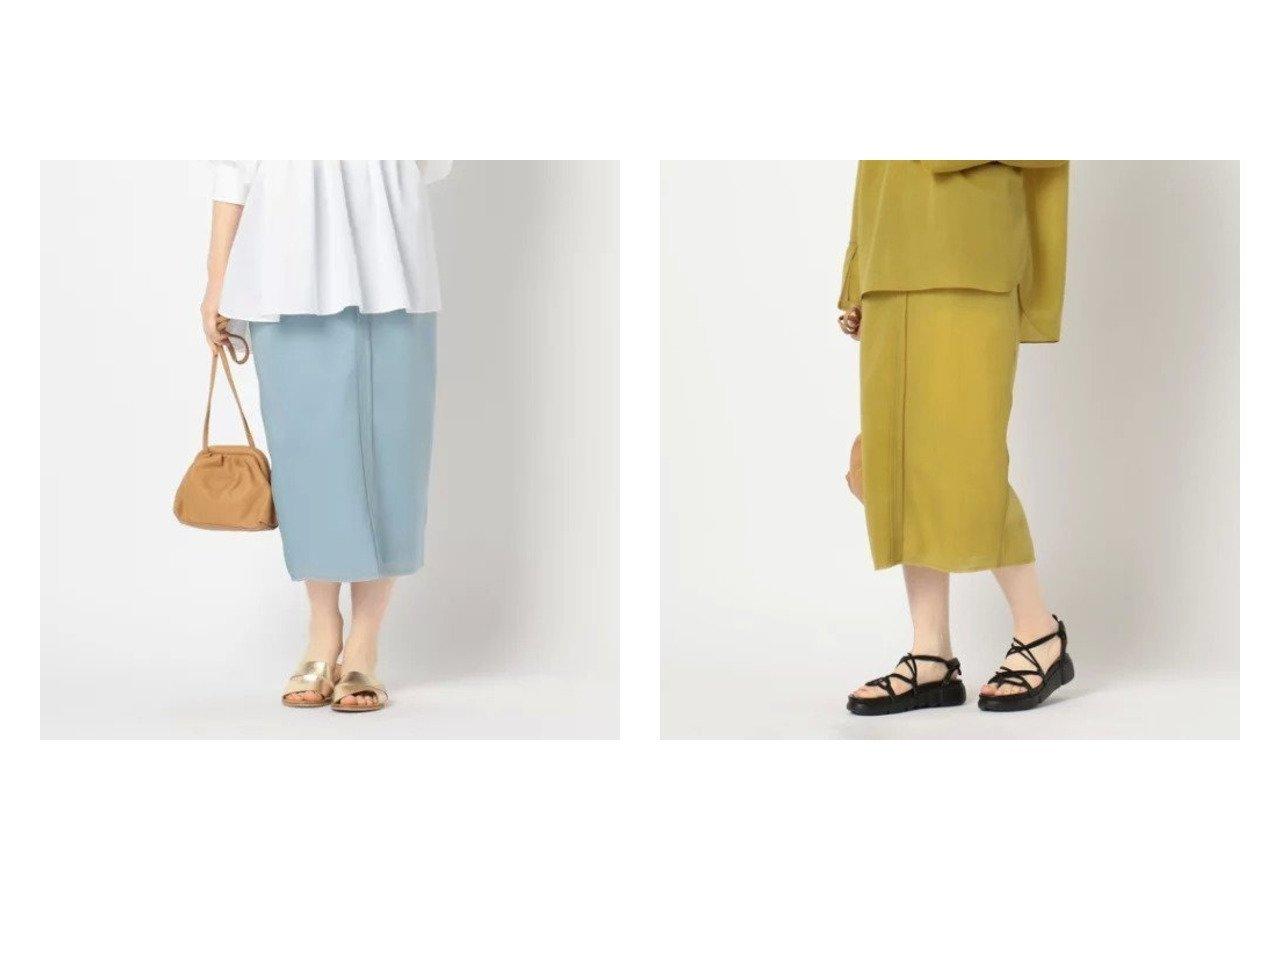 【Rie Miller/リエミラー】のシアーダンボールタイトスカート スカートのおすすめ!人気、トレンド・レディースファッションの通販 おすすめで人気の流行・トレンド、ファッションの通販商品 メンズファッション・キッズファッション・インテリア・家具・レディースファッション・服の通販 founy(ファニー) https://founy.com/ ファッション Fashion レディースファッション WOMEN スカート Skirt おすすめ Recommend エアリー シアー スリット セットアップ タイトスカート フェミニン |ID:crp329100000023891